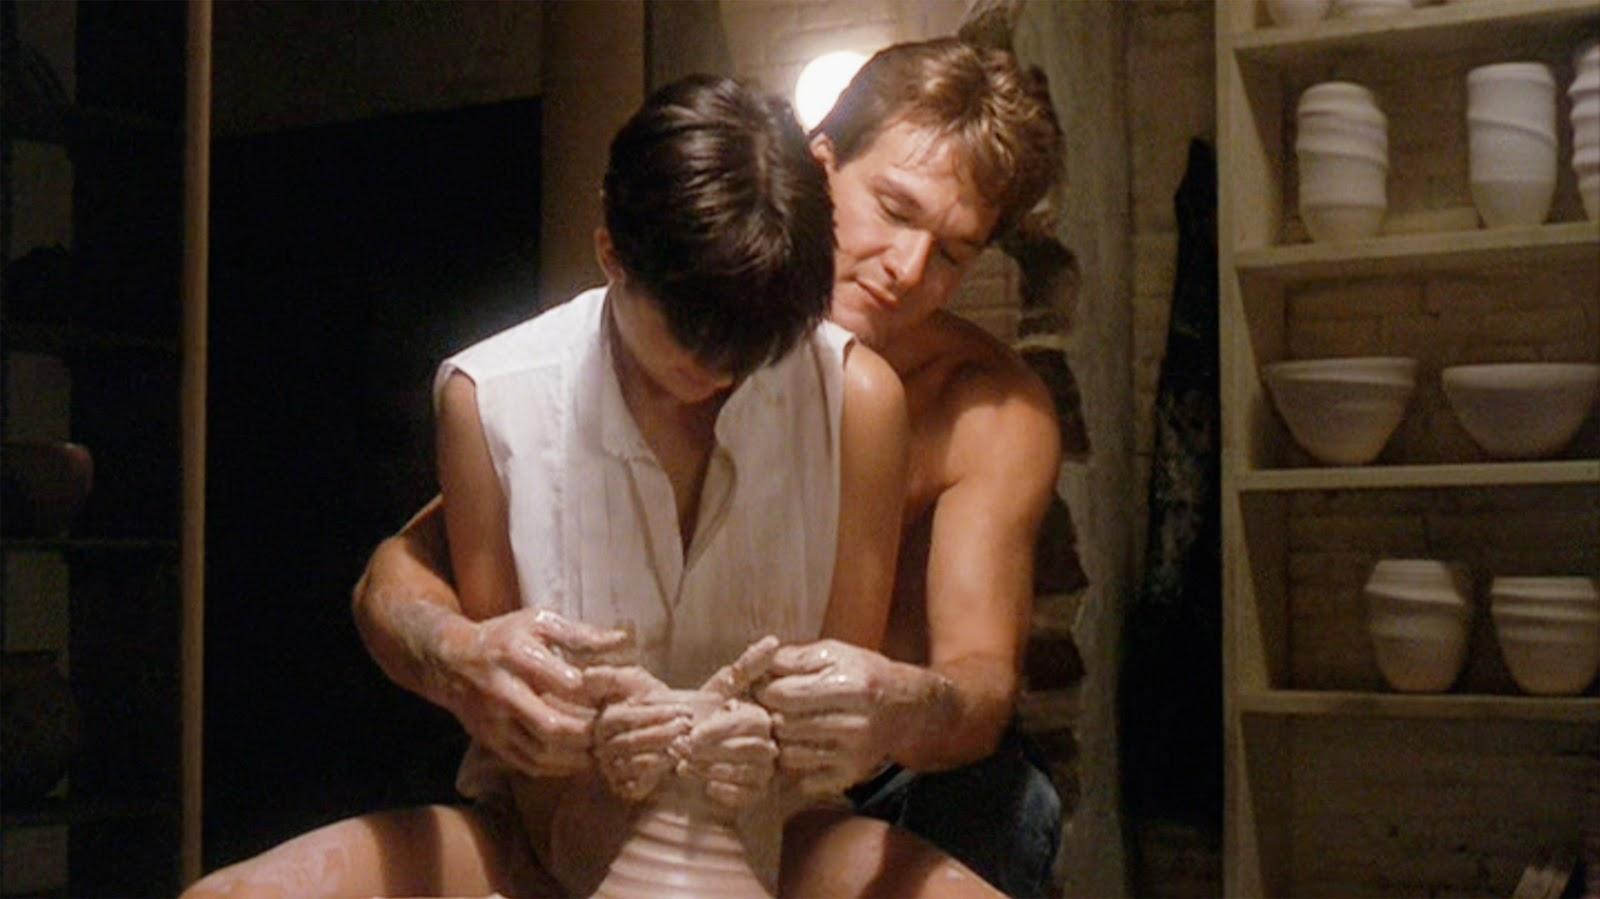 fim massage skåne